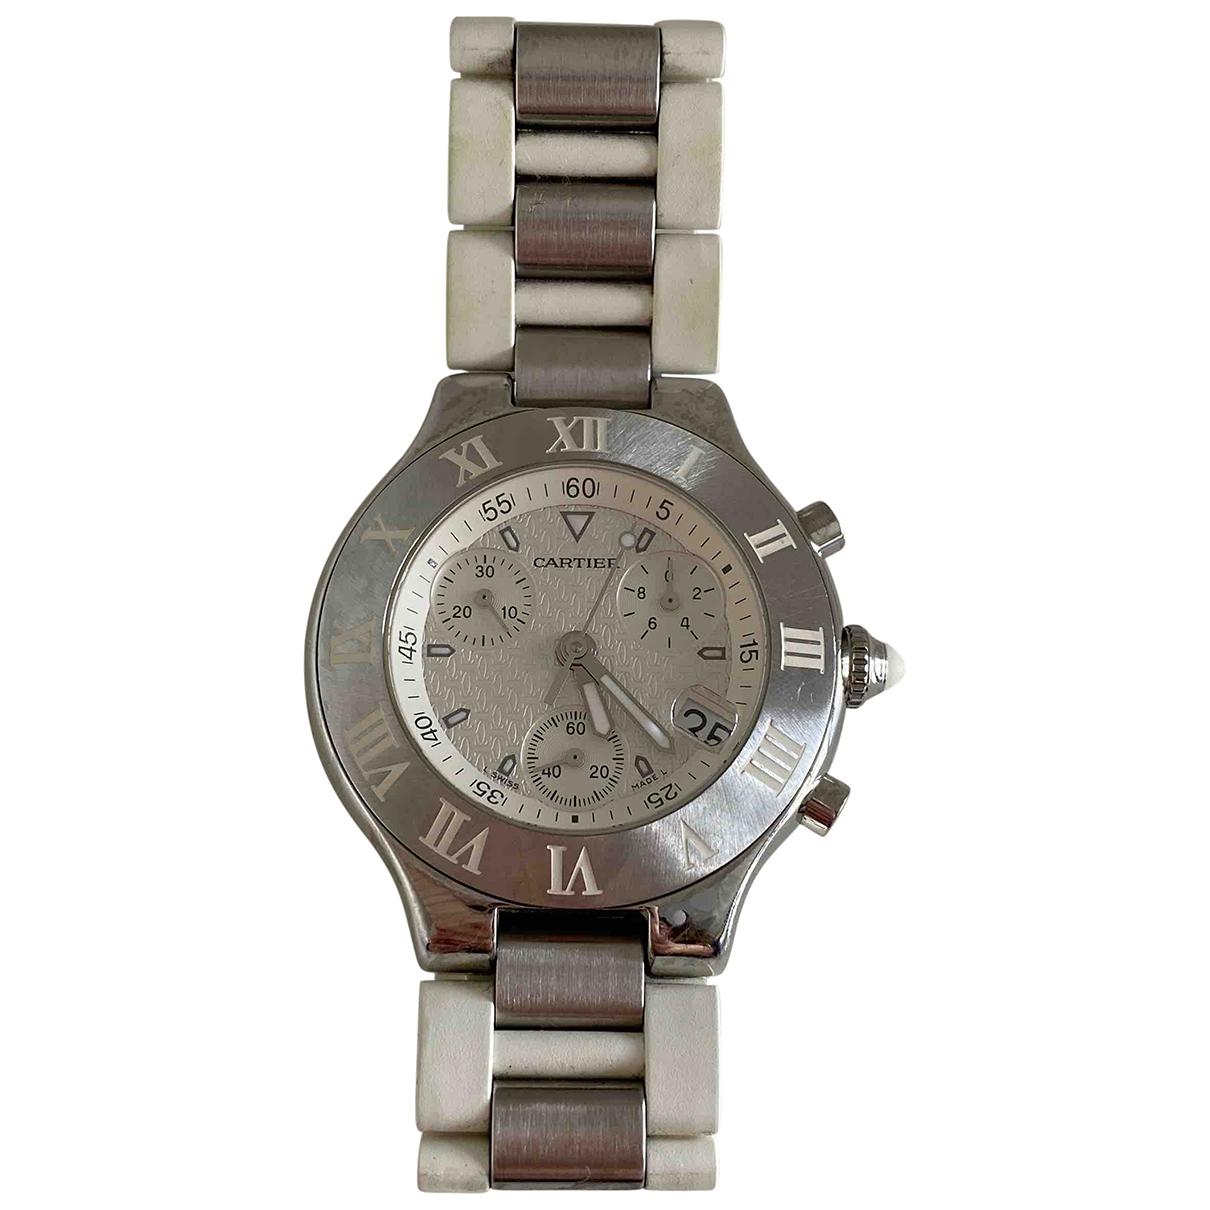 Cartier Chronoscaph 21 Uhr in  Weiss Stahl